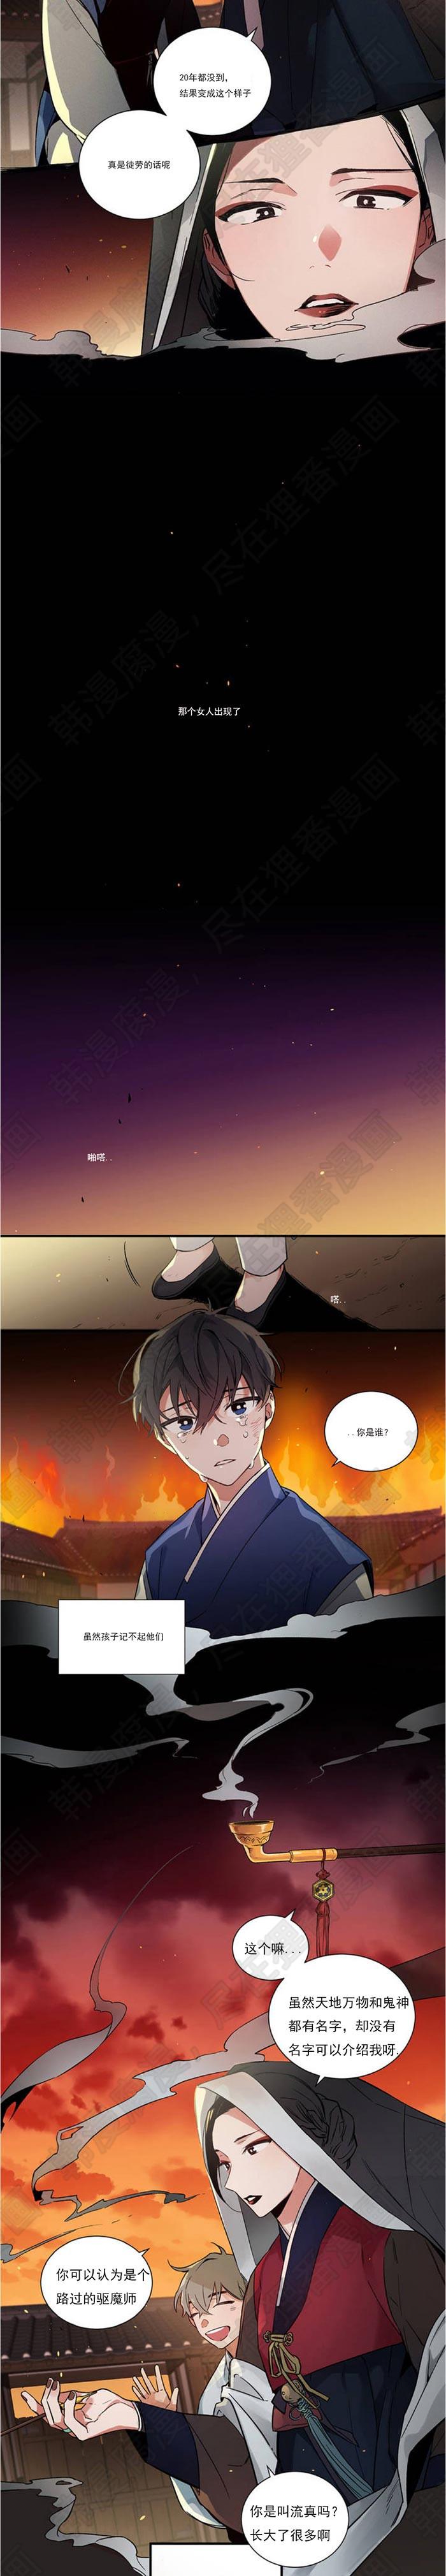 《魑魅摇篮》#漫画韩漫#—免费阅读【完整版】